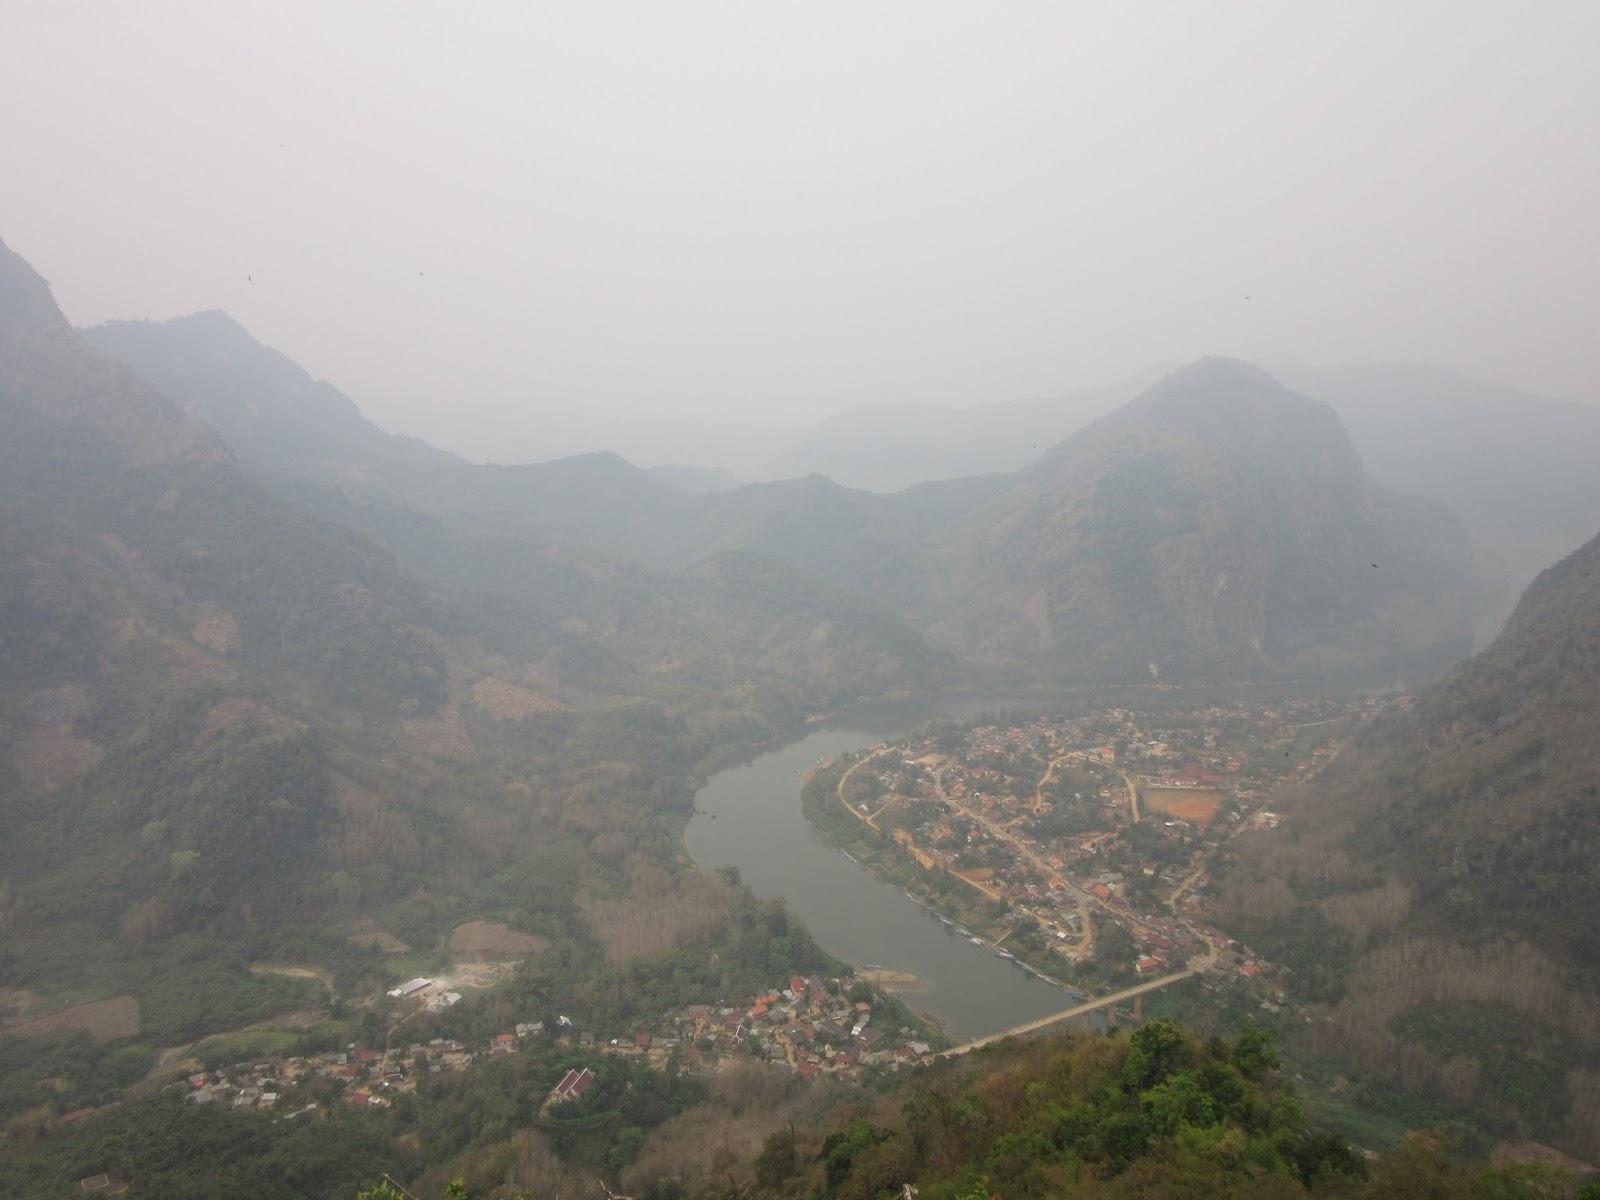 Mirador de Nong Khiaw, Laos